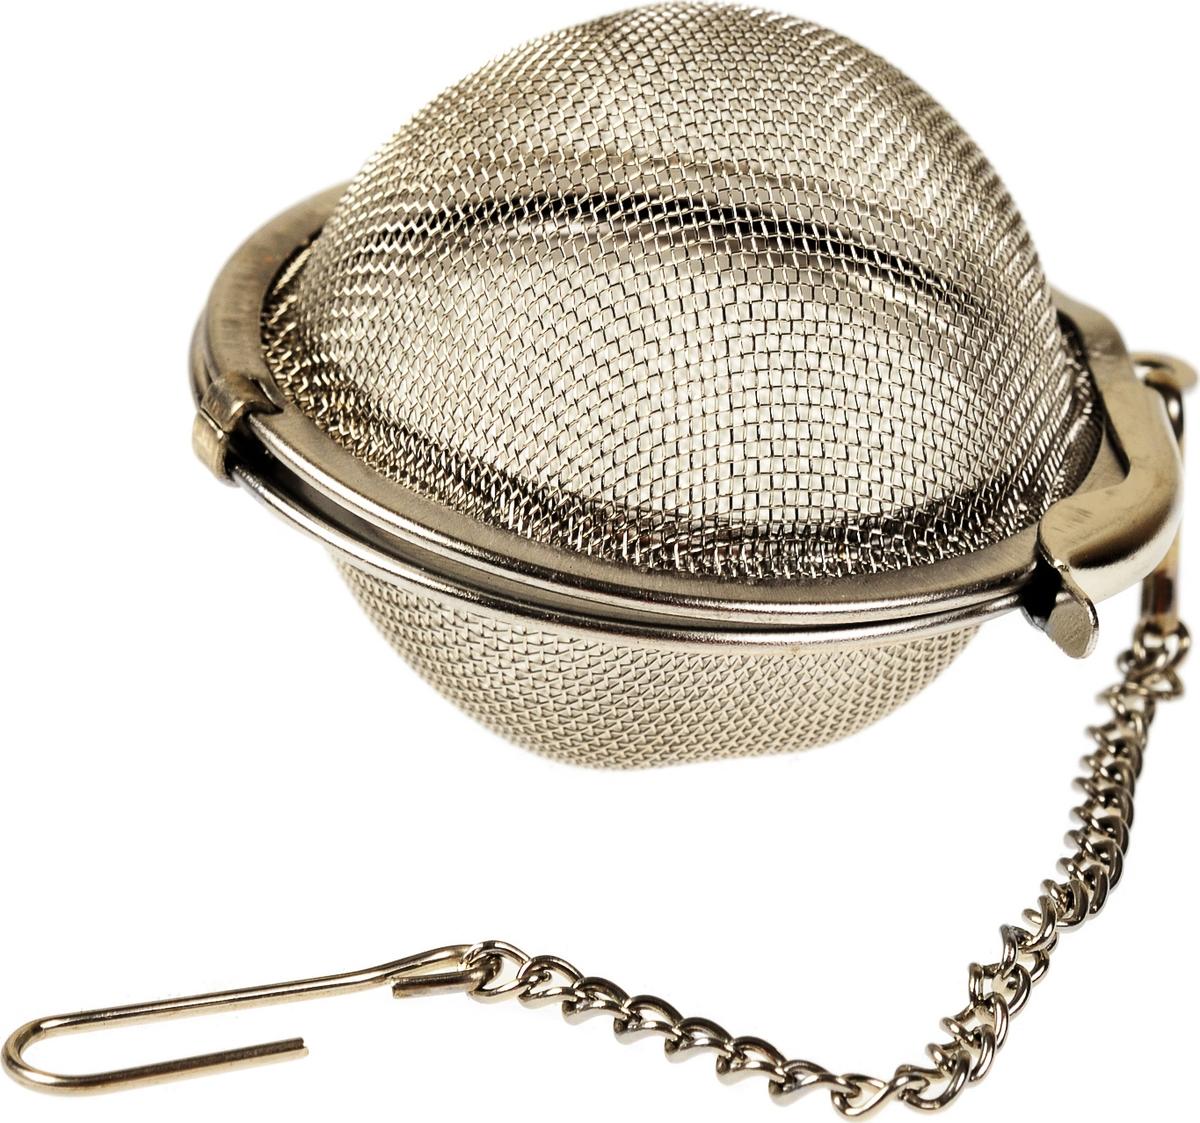 Ситечко для заваривания чая на цепочке с крючком. Вмещает достаточно большое количество заварки, благодаря чему его моно использовать для заваривания как в чайнике, на всех, так и в чашке, порционно. Ситечко удобно вешать на край посуды.